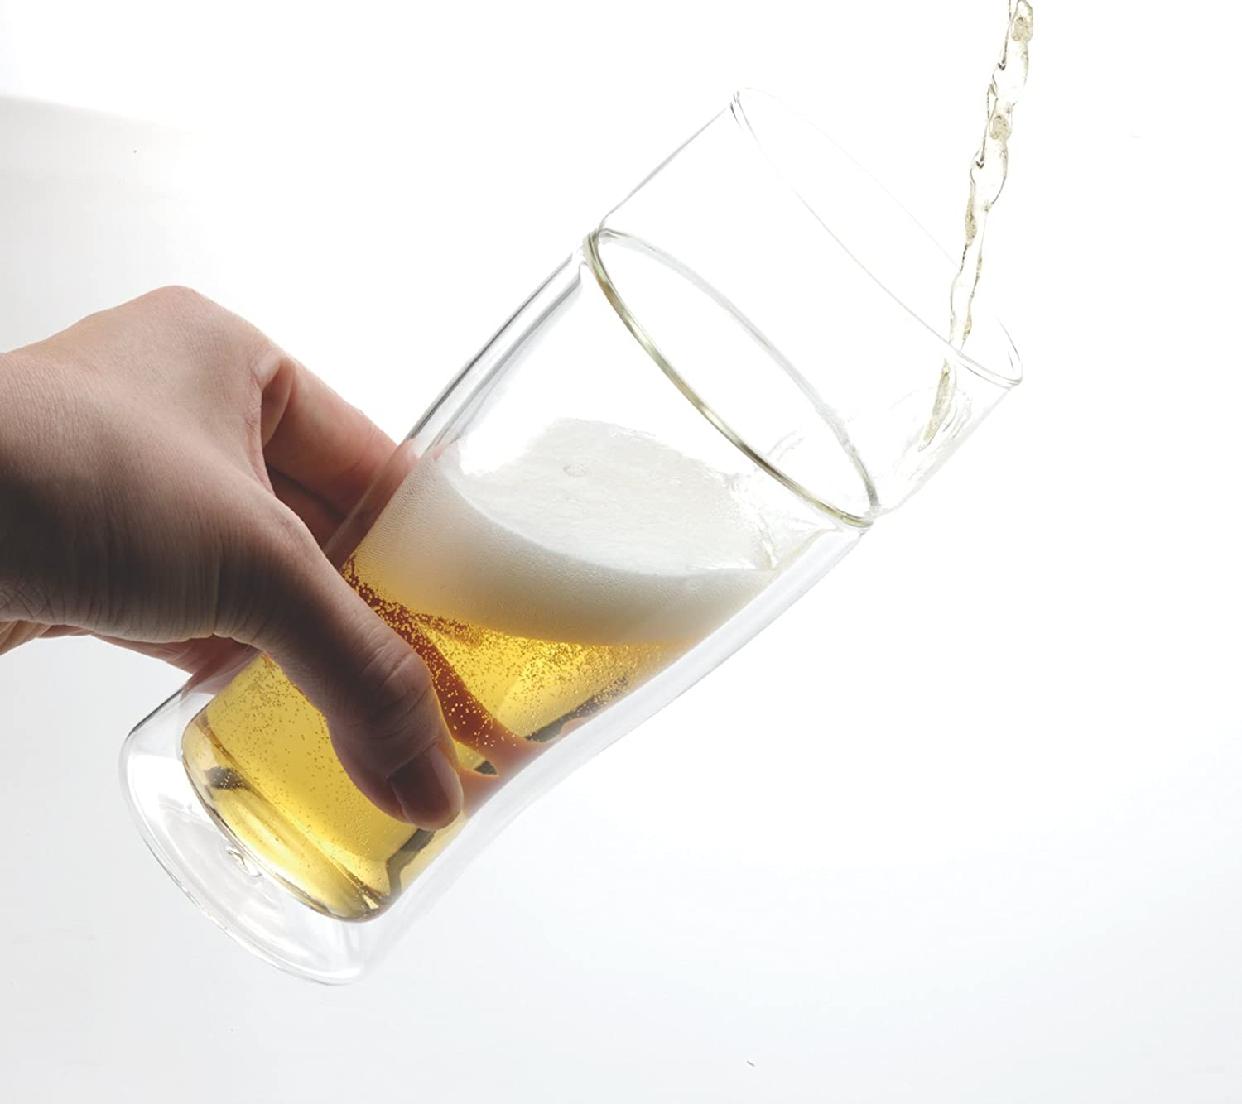 HARIO(ハリオ) ツインビア グラスの商品画像2